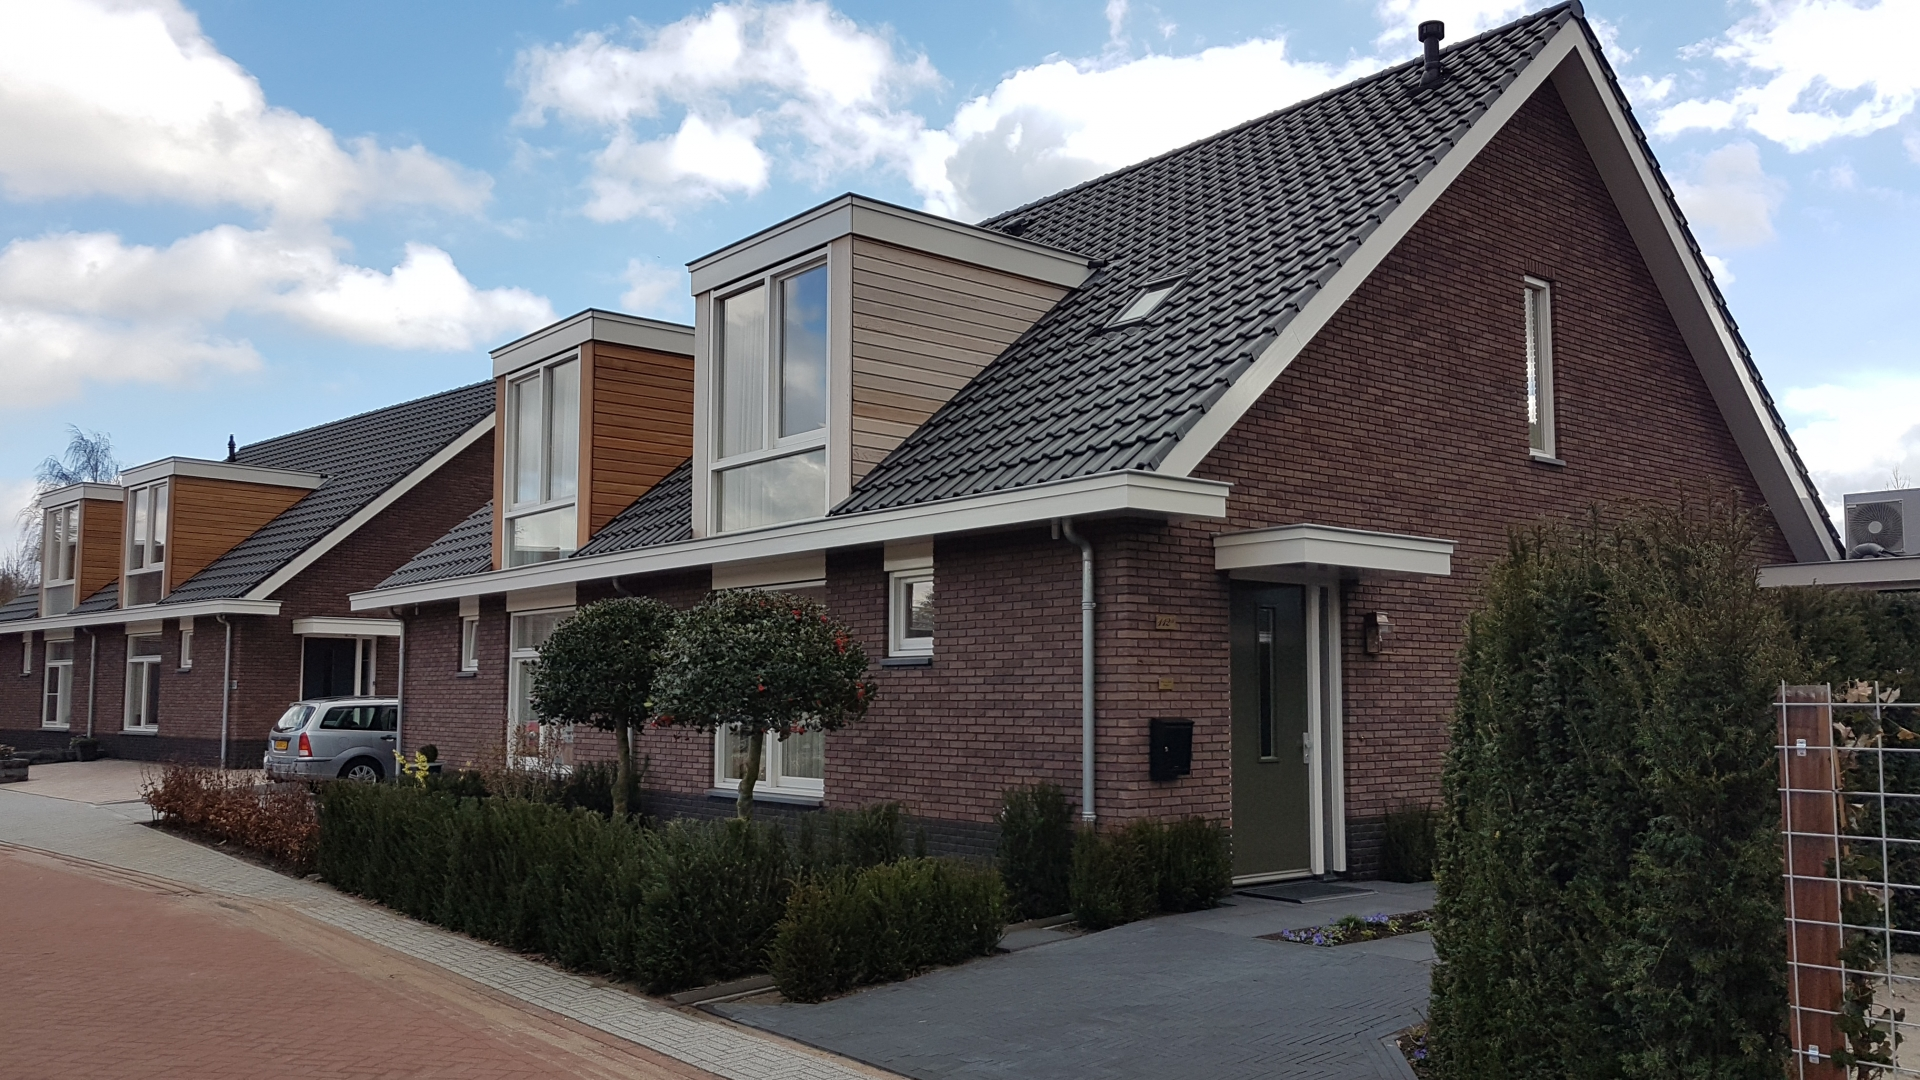 7 woningen Stationslaan Harderwijk